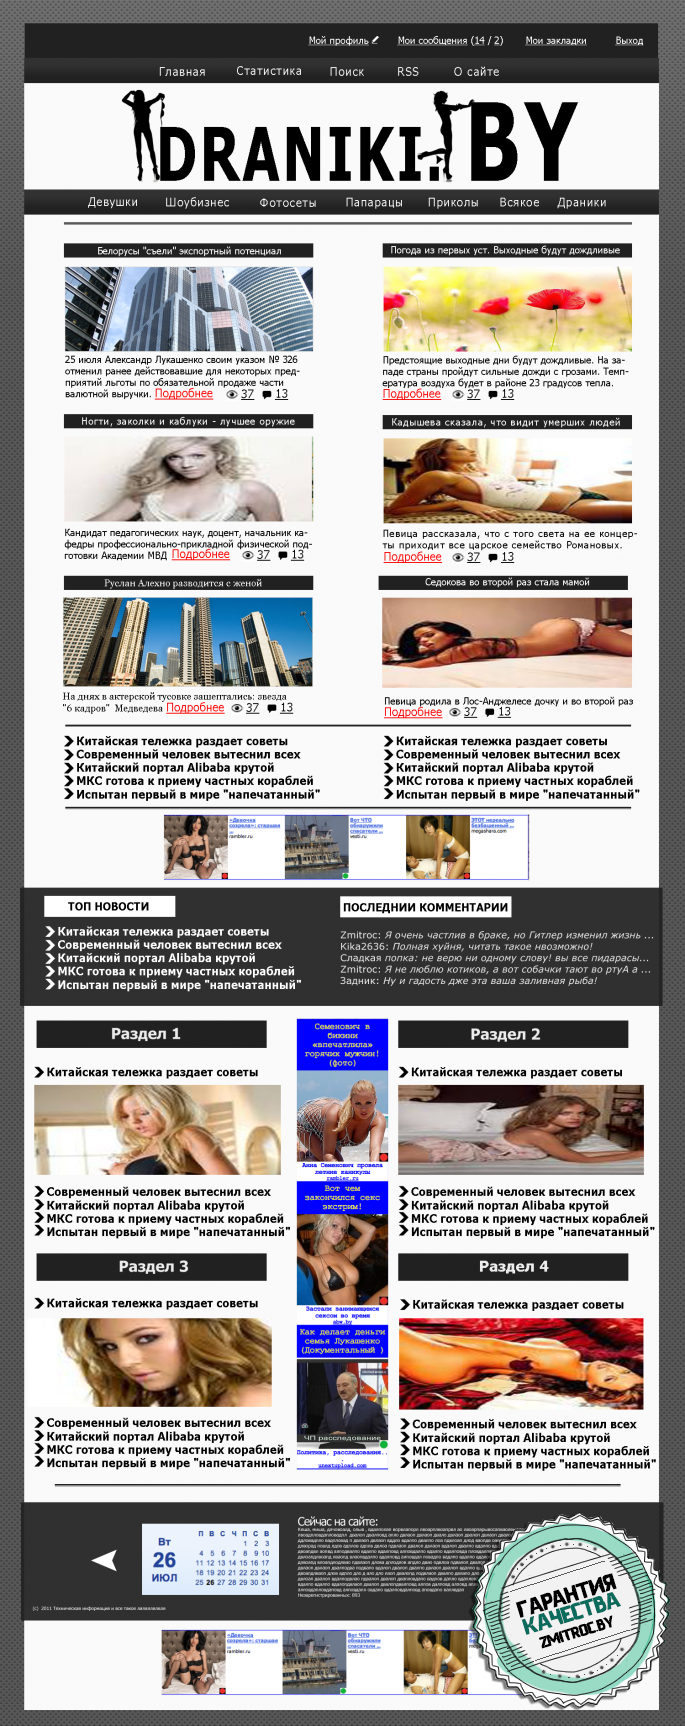 eroticheskie-znakomstva-krimskiy-razvlekatelniy-portal